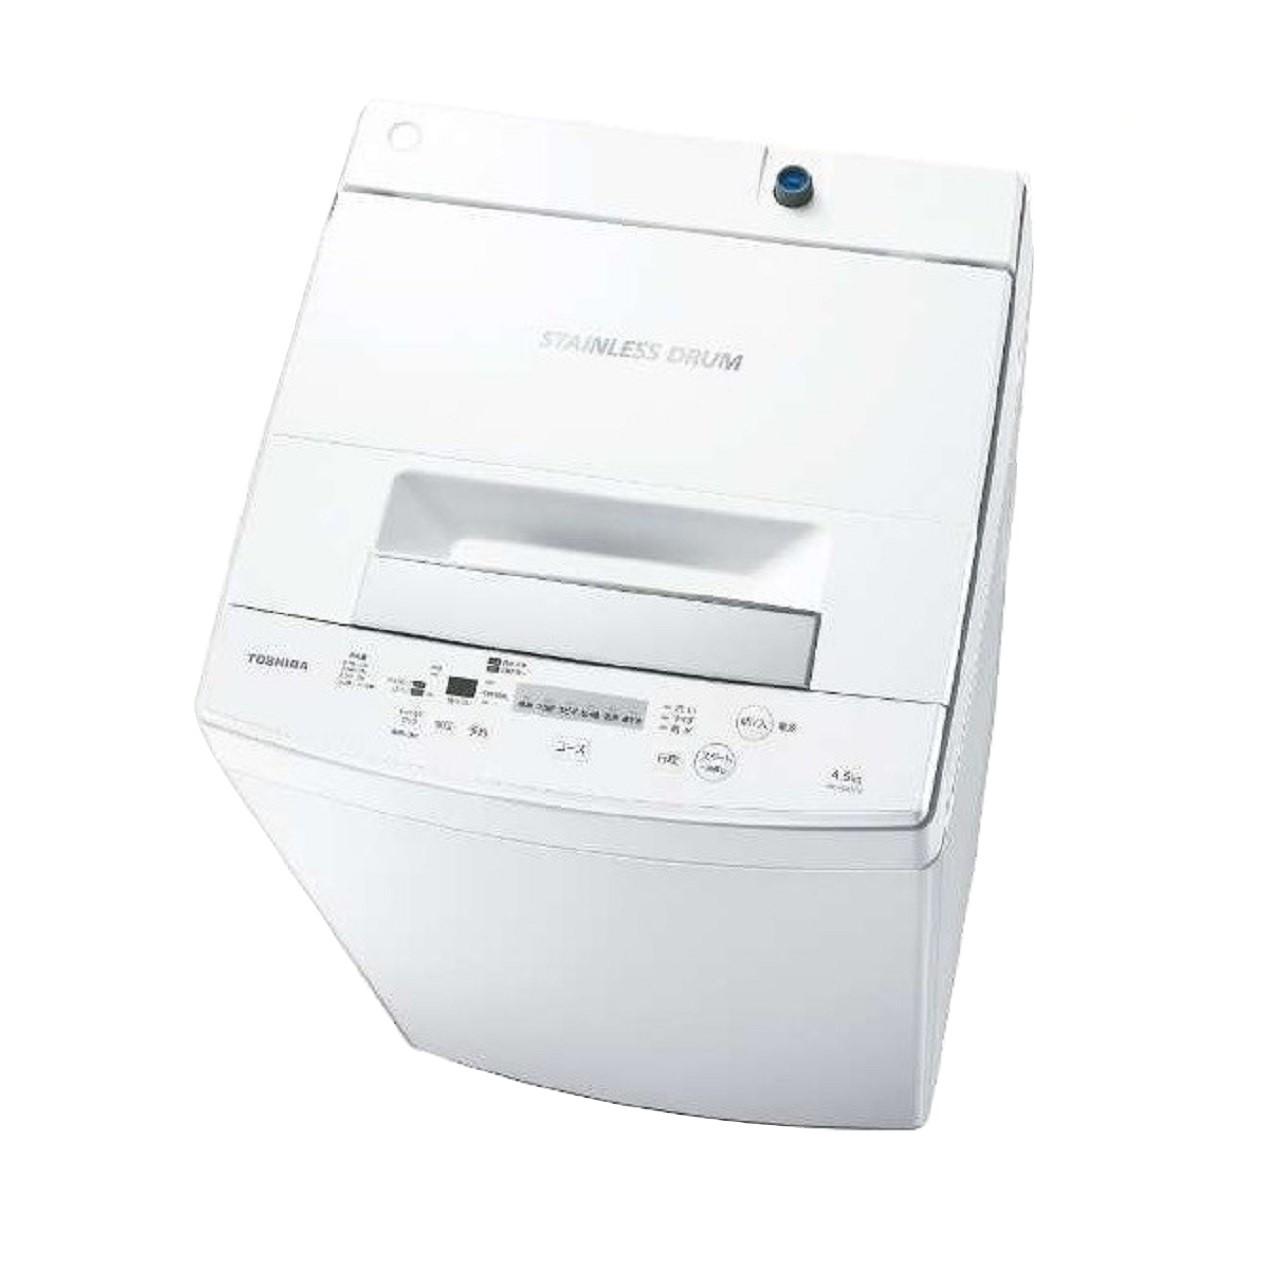 東芝AW-45M7全自動洗濯機